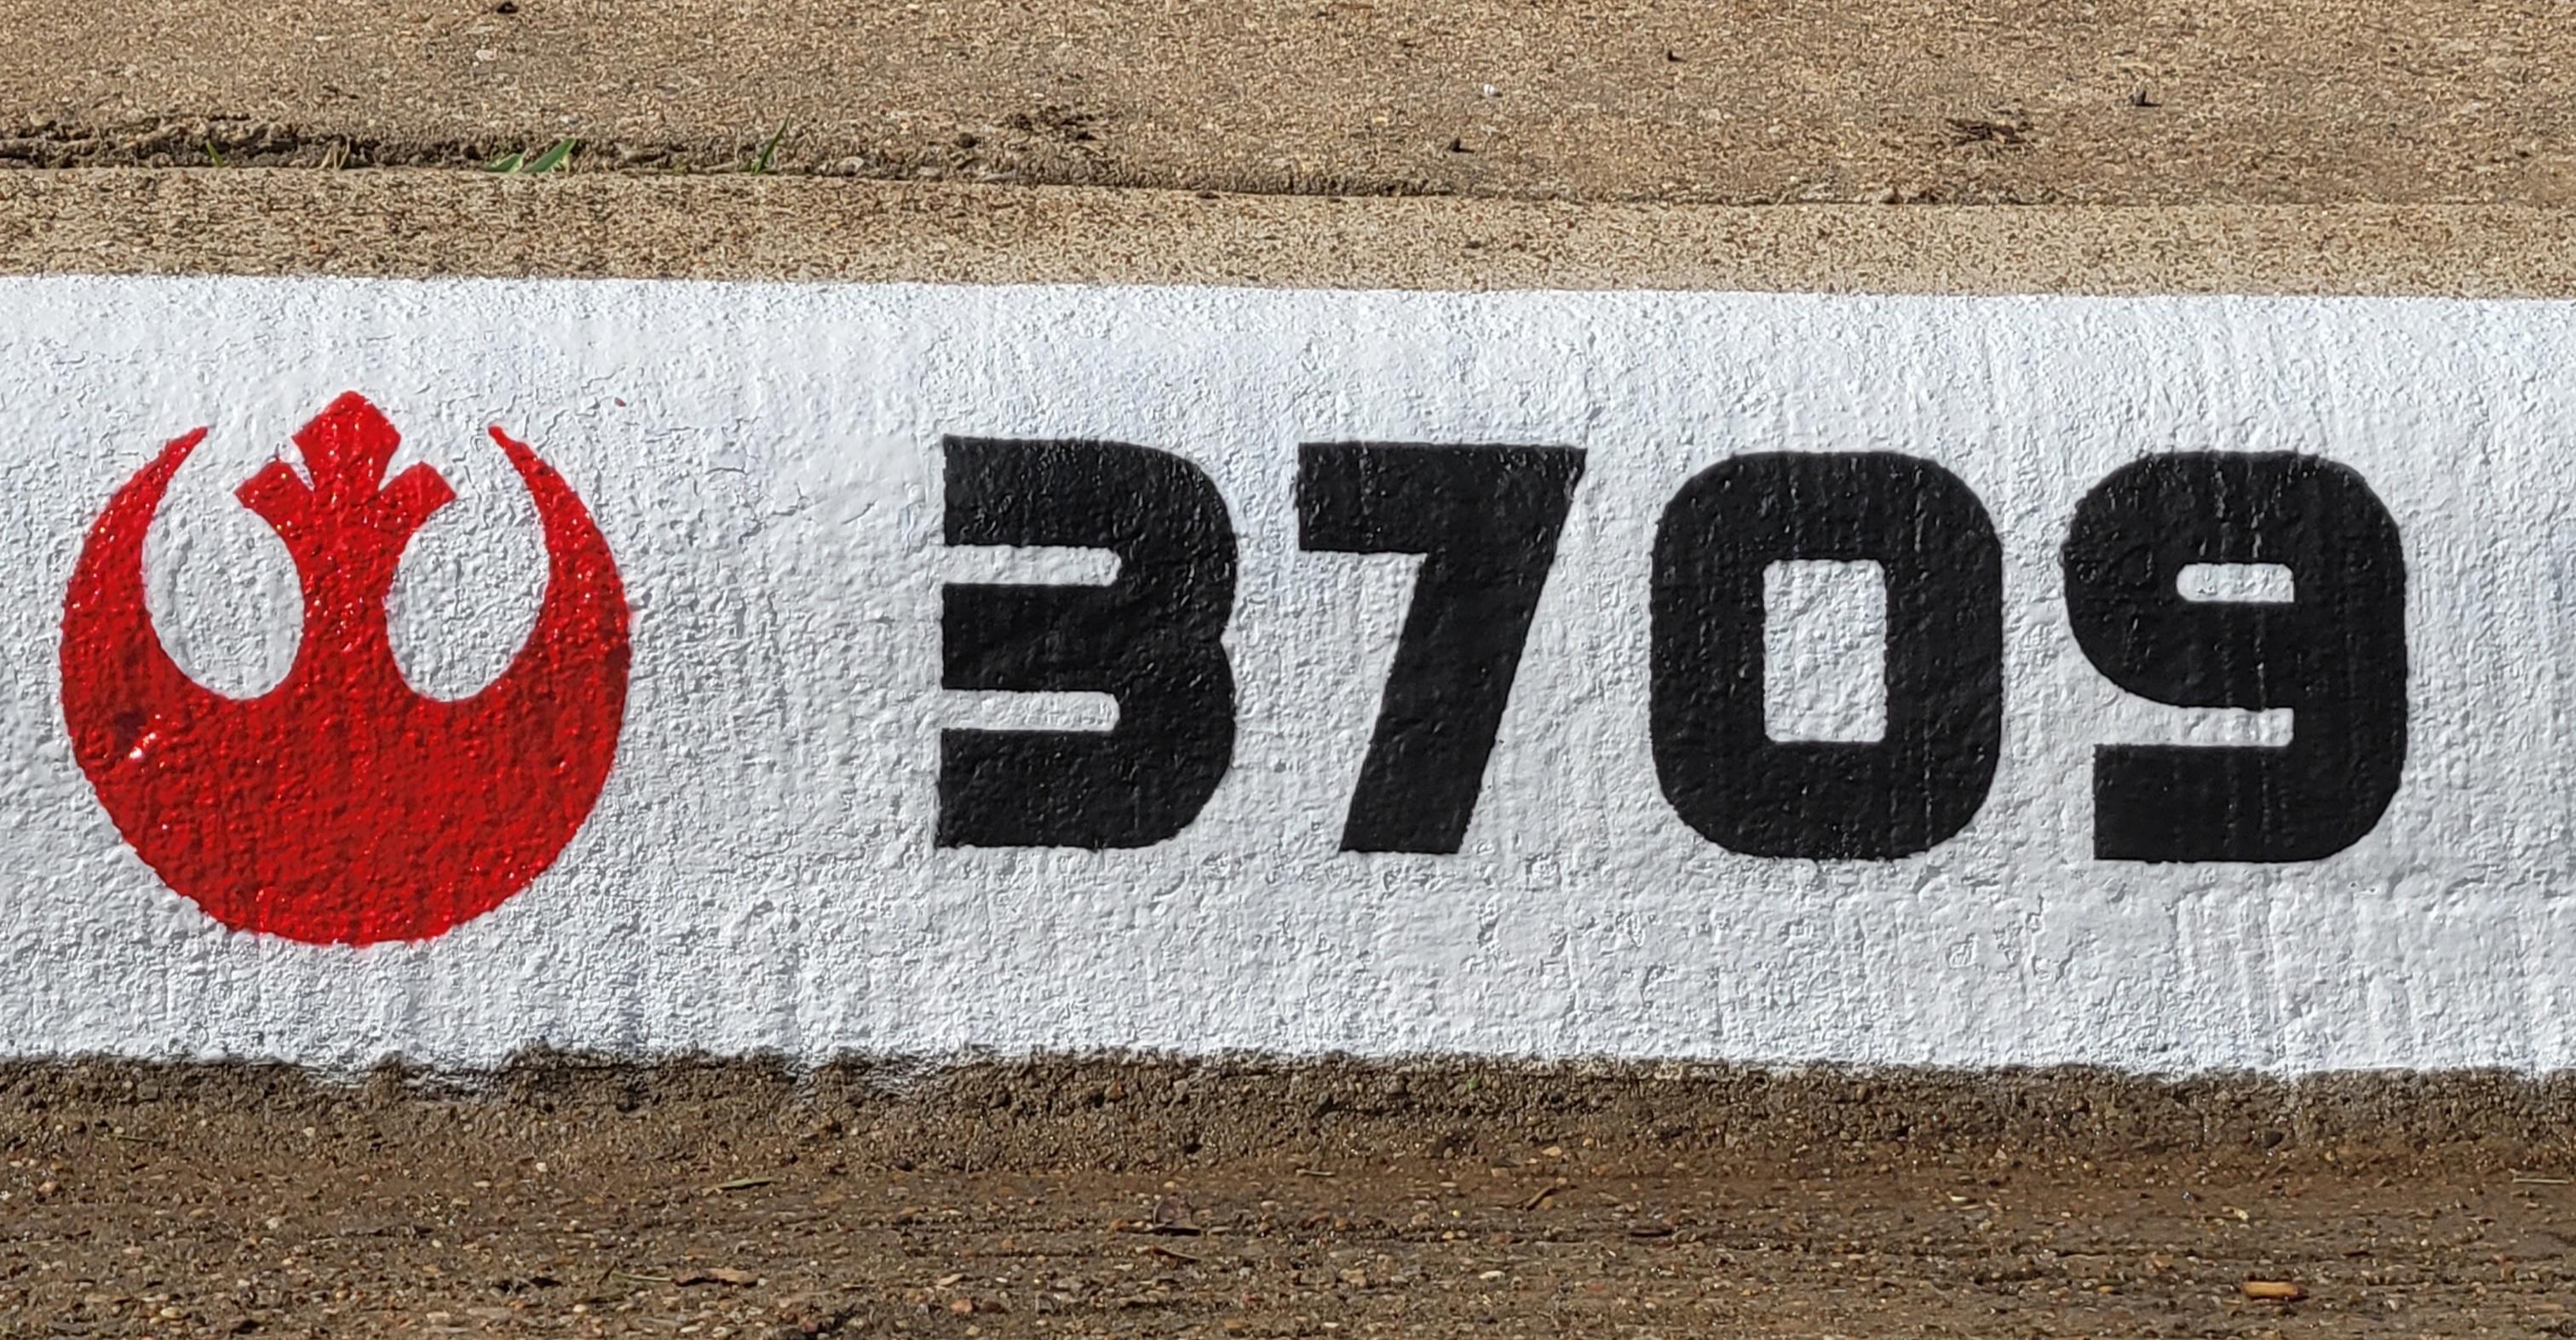 20200927_155929.jpg